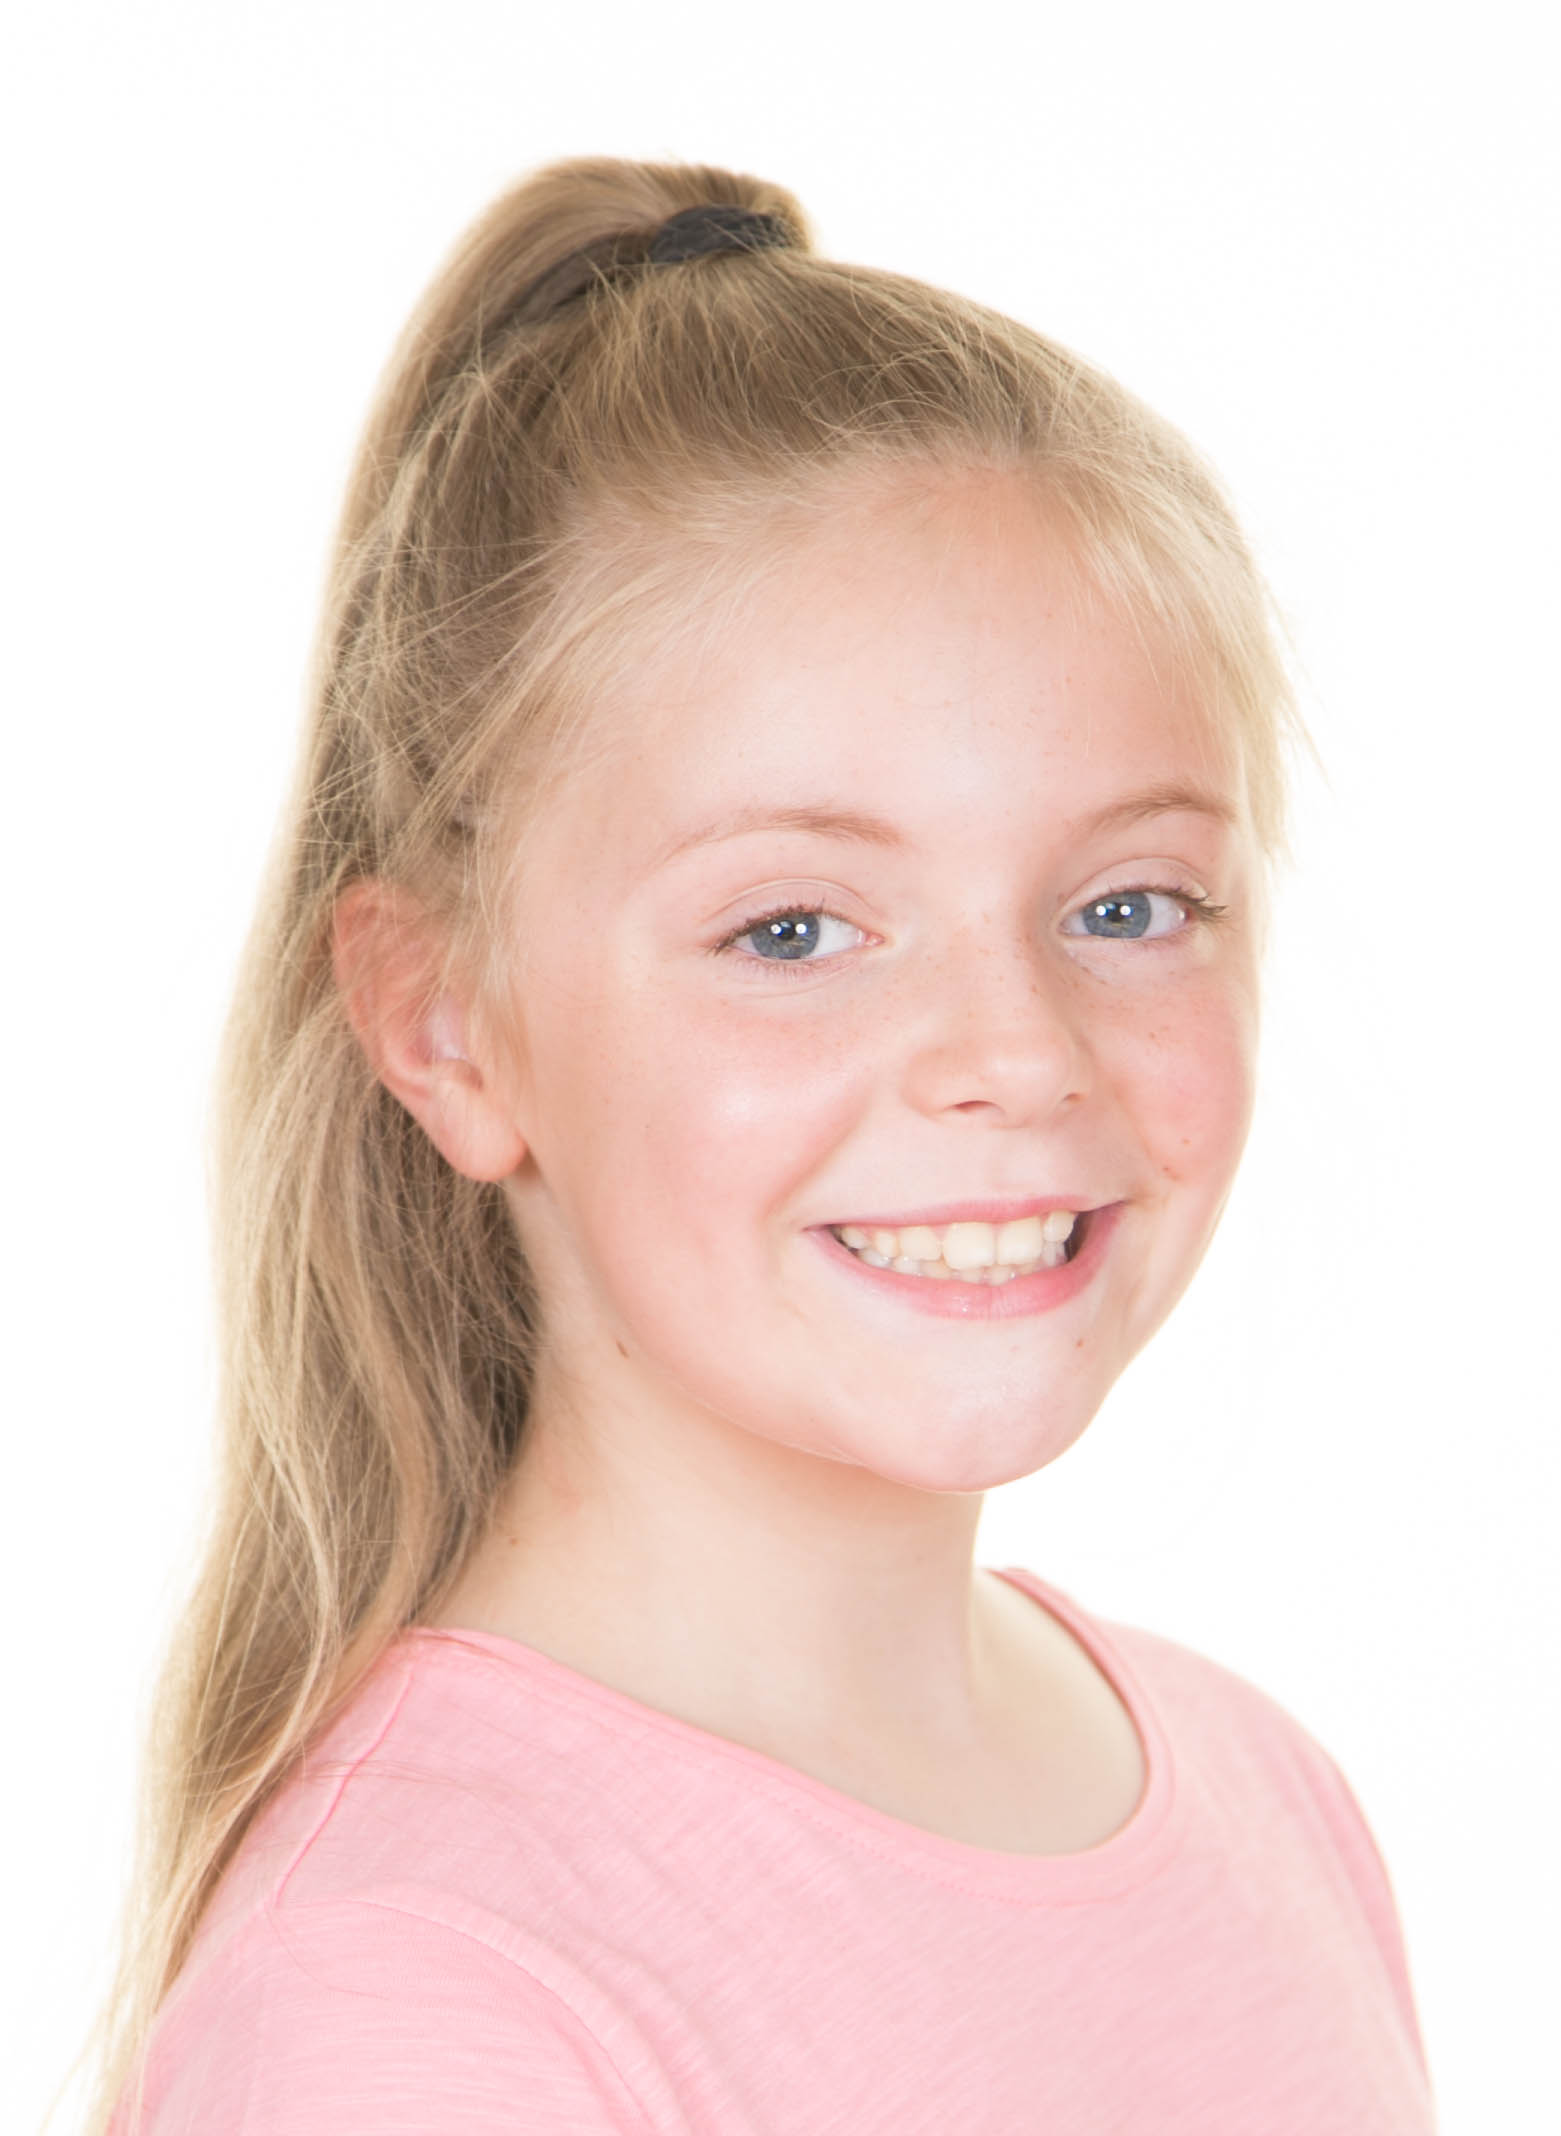 Evie Stocker